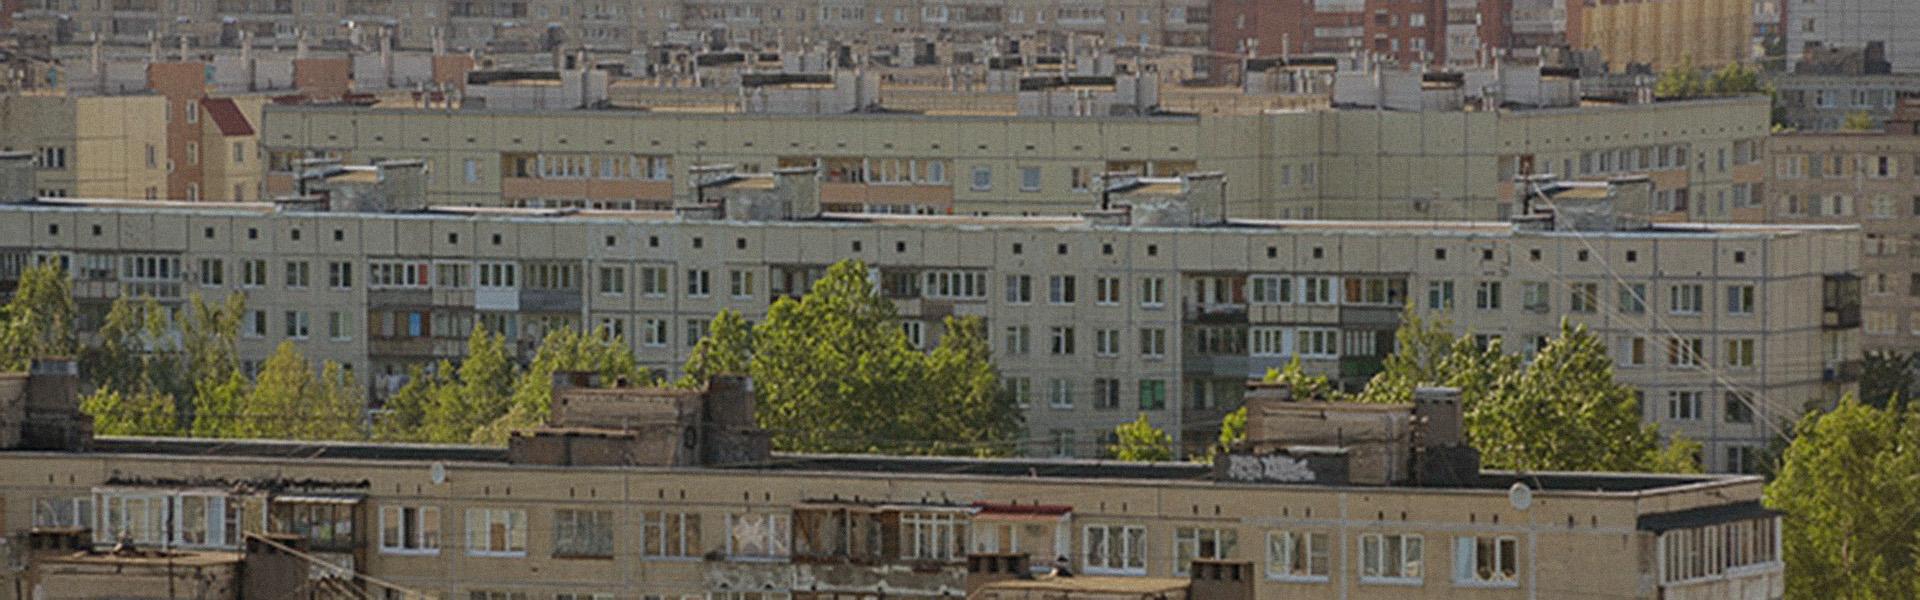 Кочевье в городе